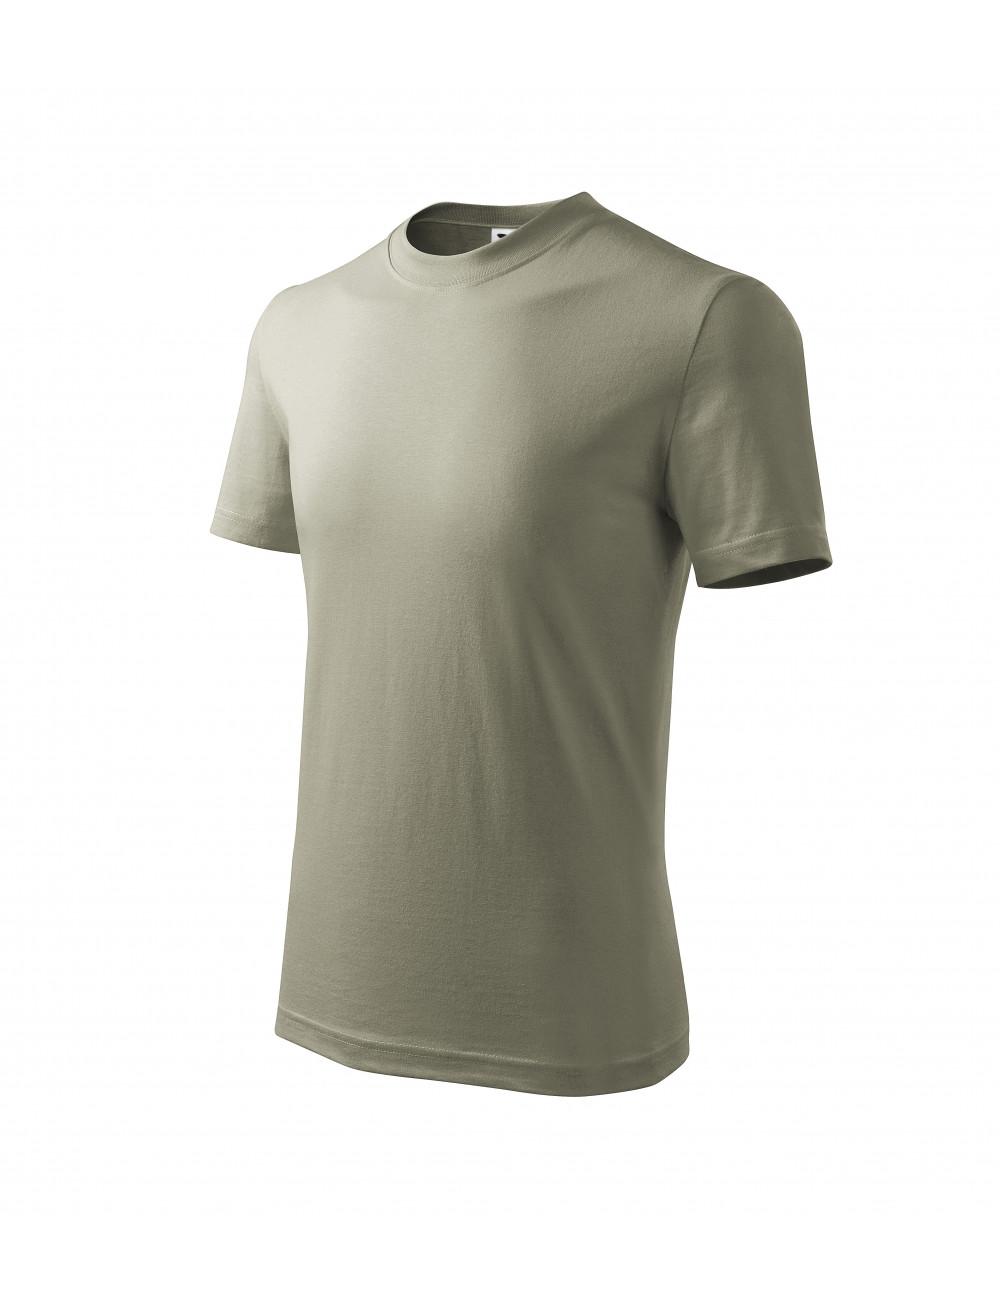 Adler MALFINI Koszulka dziecięca Basic 138 jasny khaki